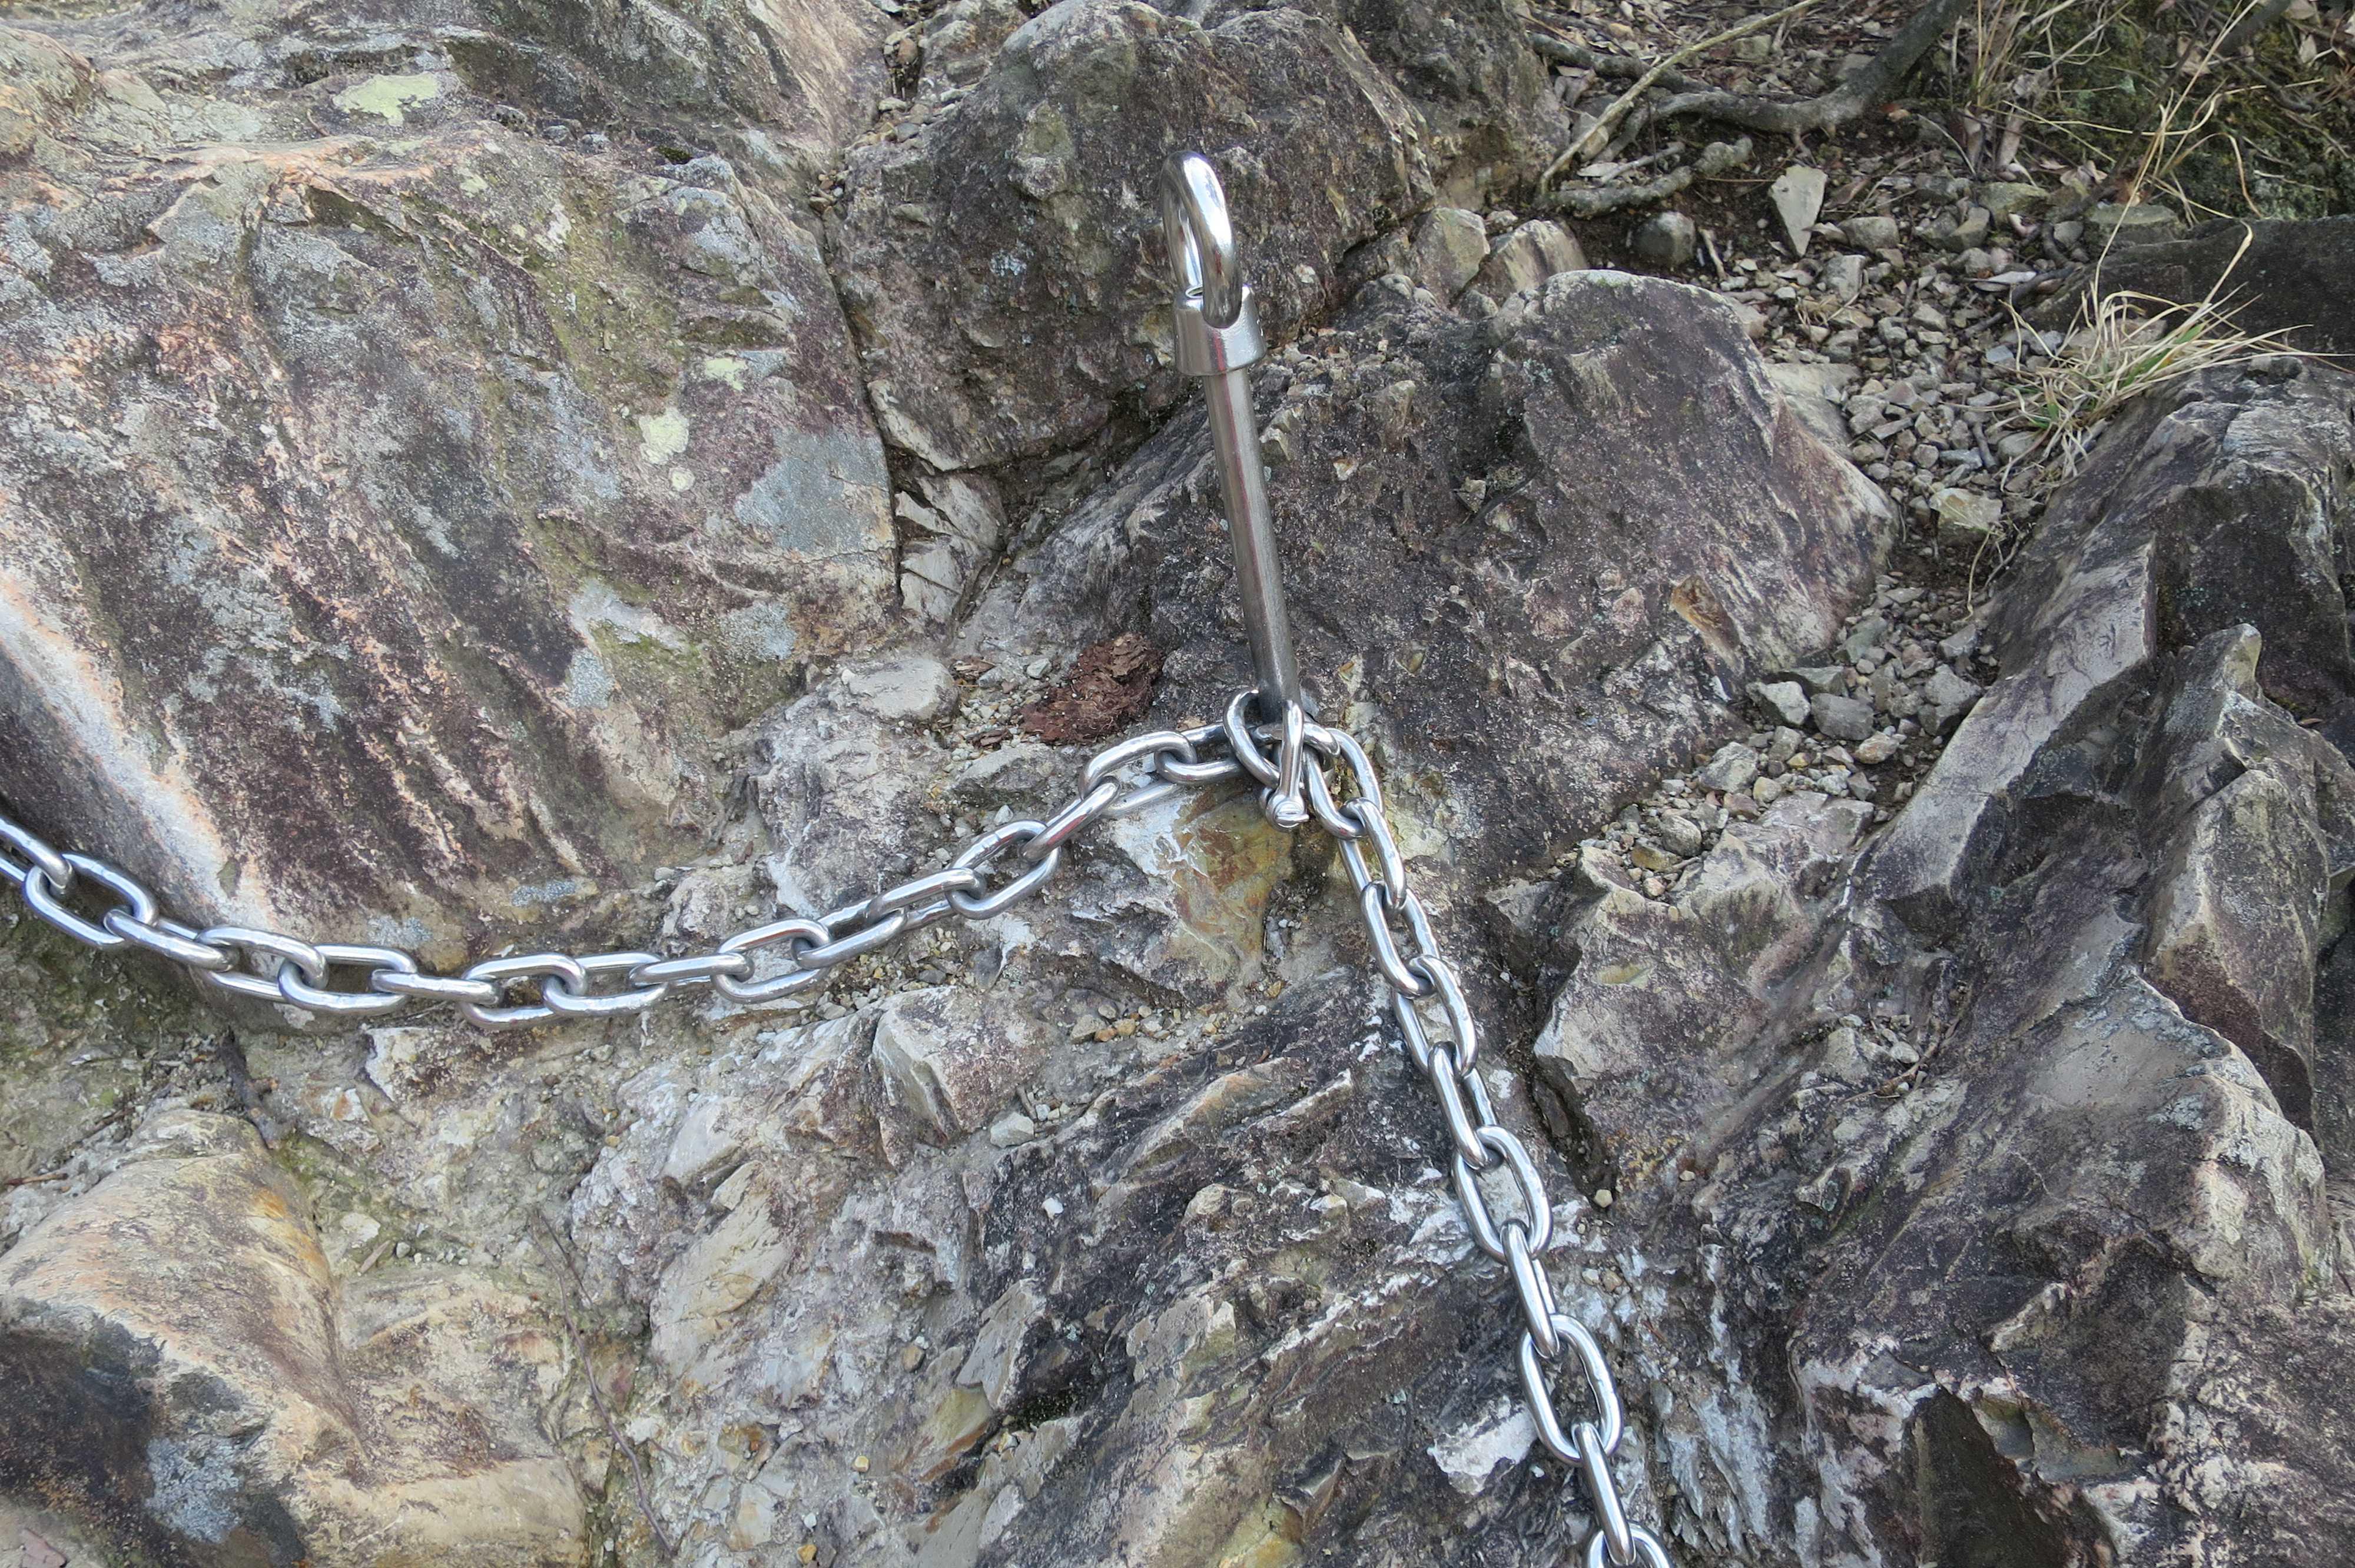 岩場の銀色のチェーン - 奥の院捨身ヶ嶽禅定